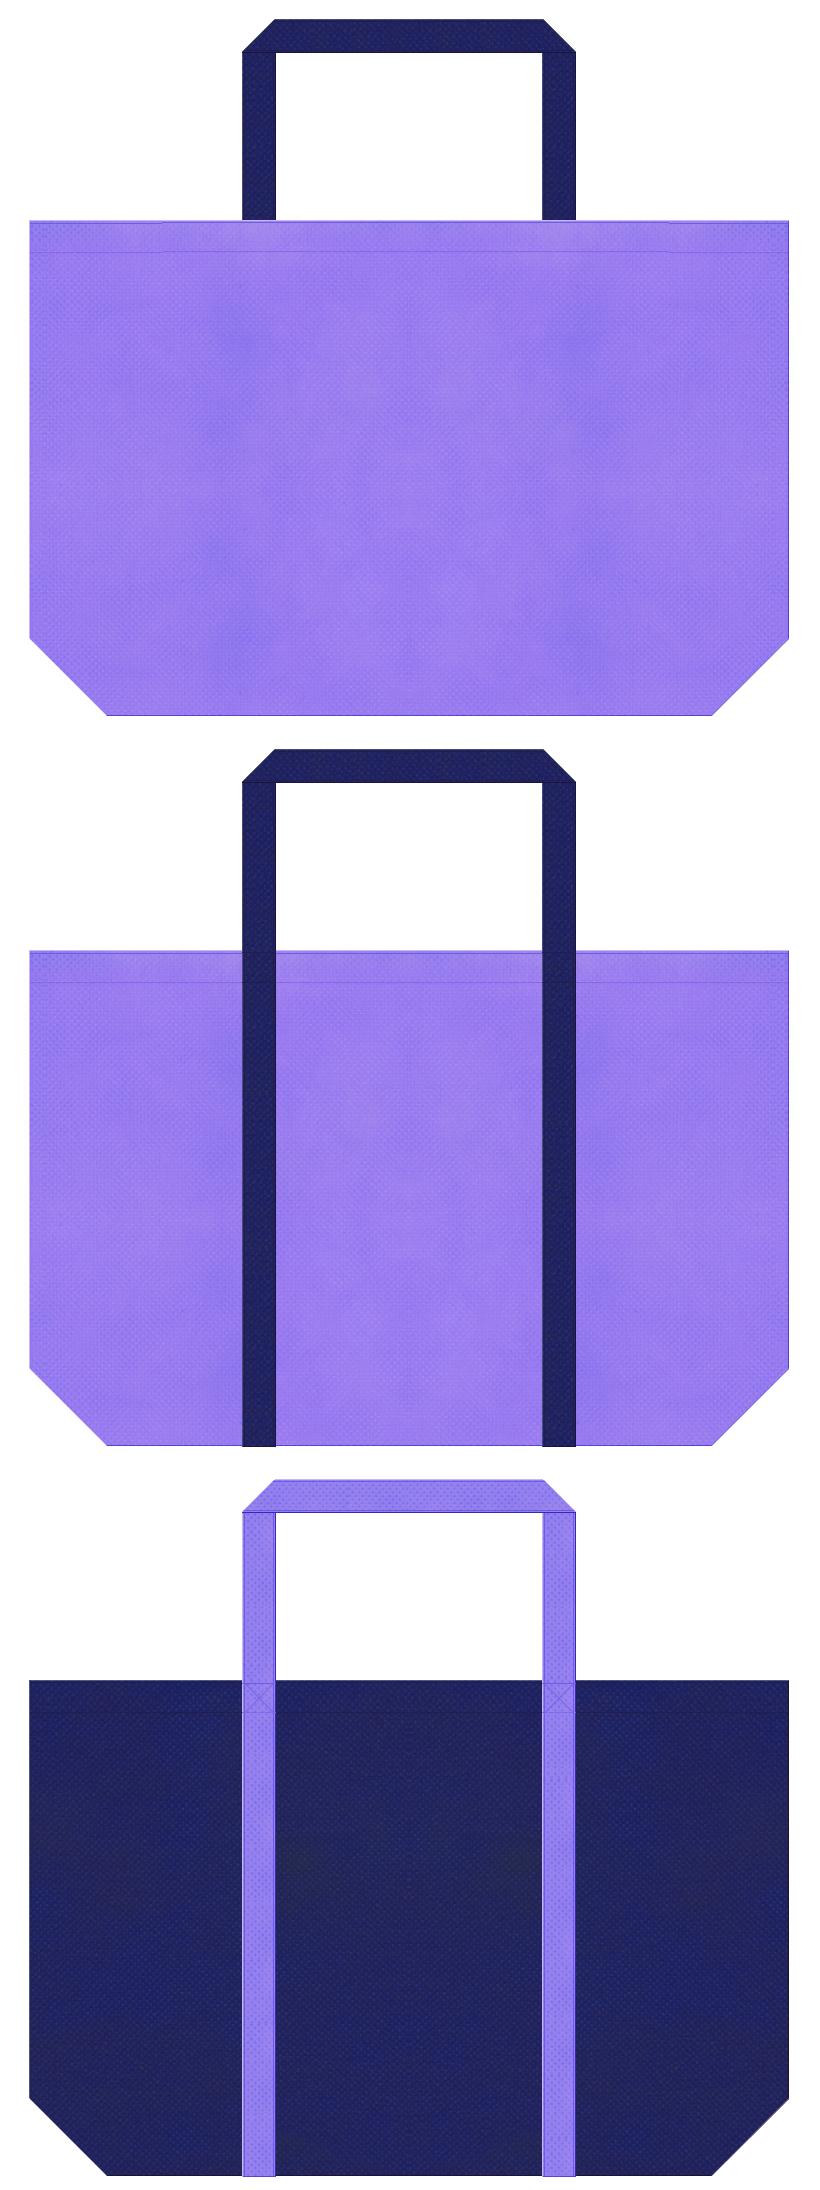 薄紫色と明るい紺色の不織布ショッピングバッグデザイン。